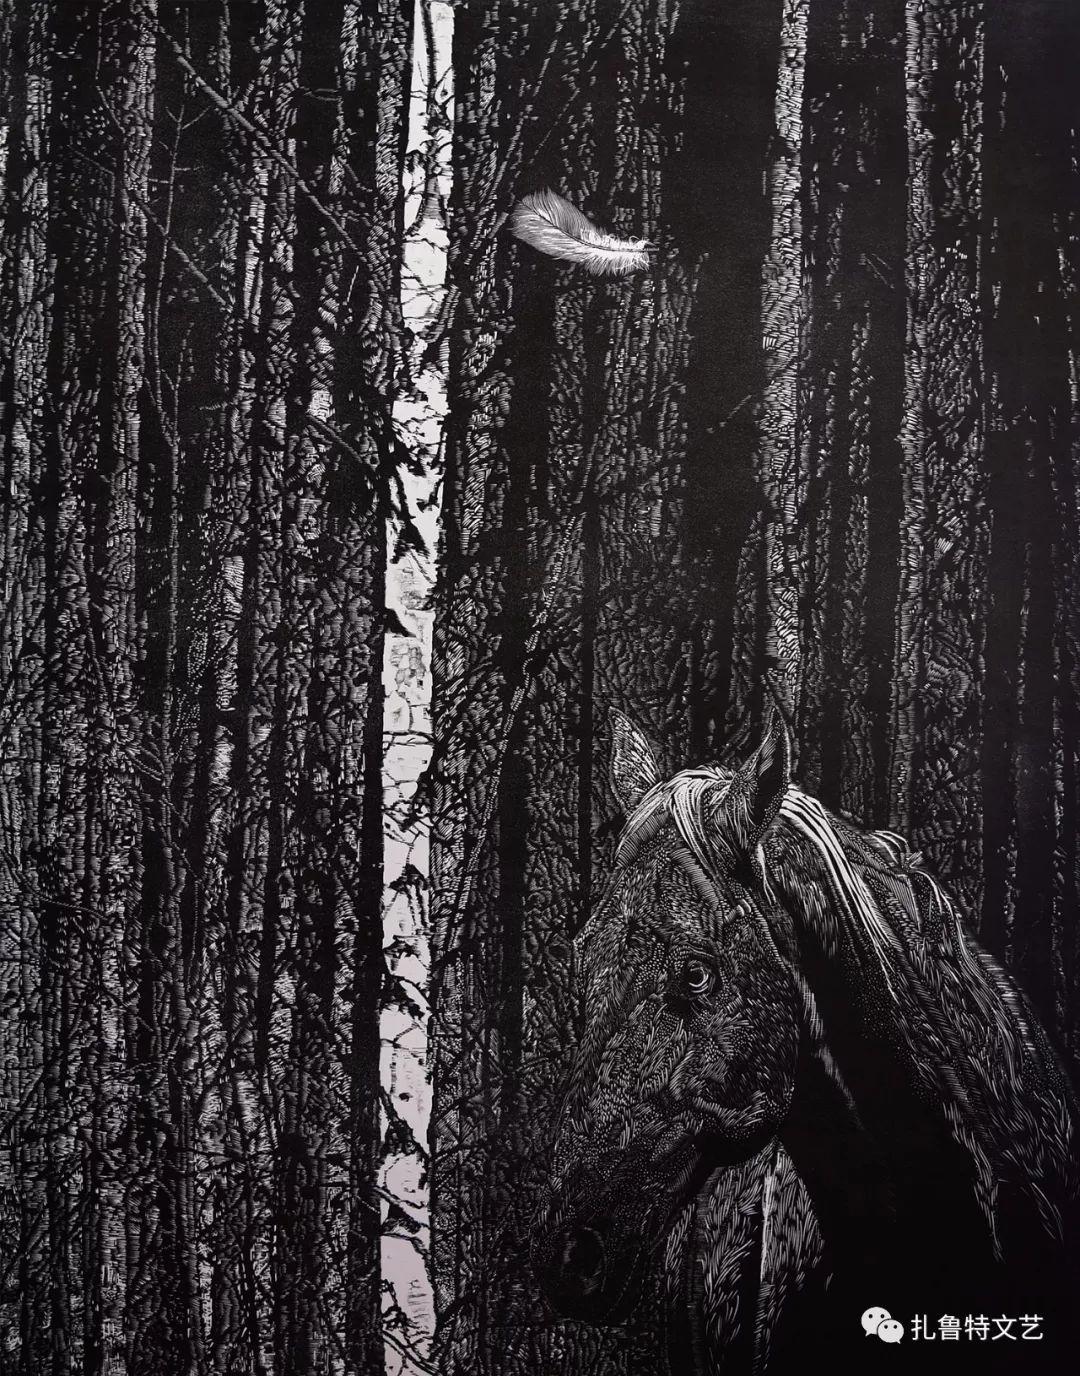 吉日木图,惊世版画 第3张